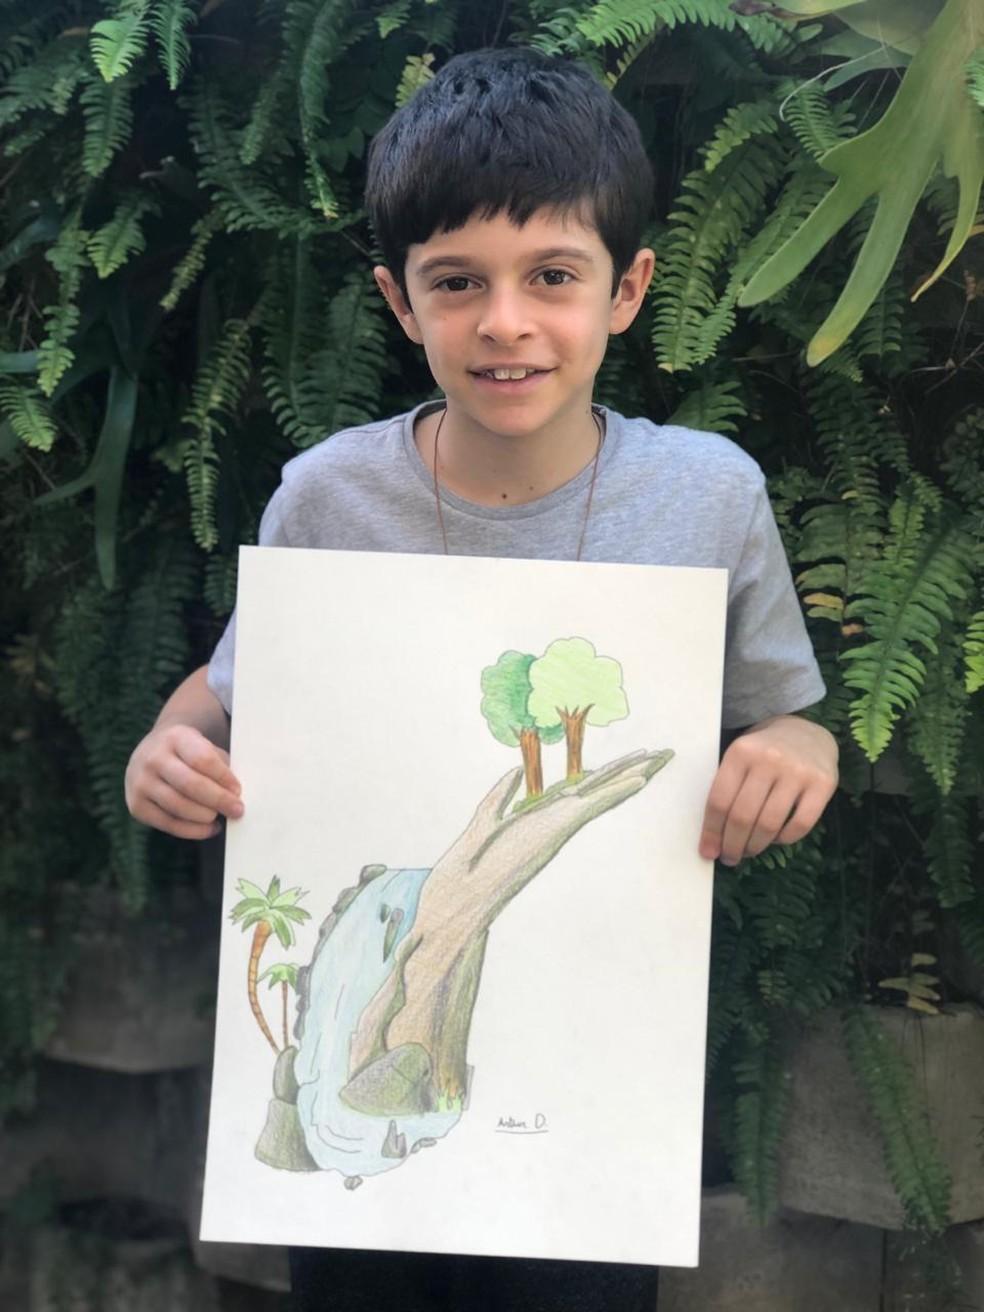 Menino produziu um trabalho para a escola com o tema era sustentabilidade — Foto: Gisele Ribeiro/Arquivo pessoal